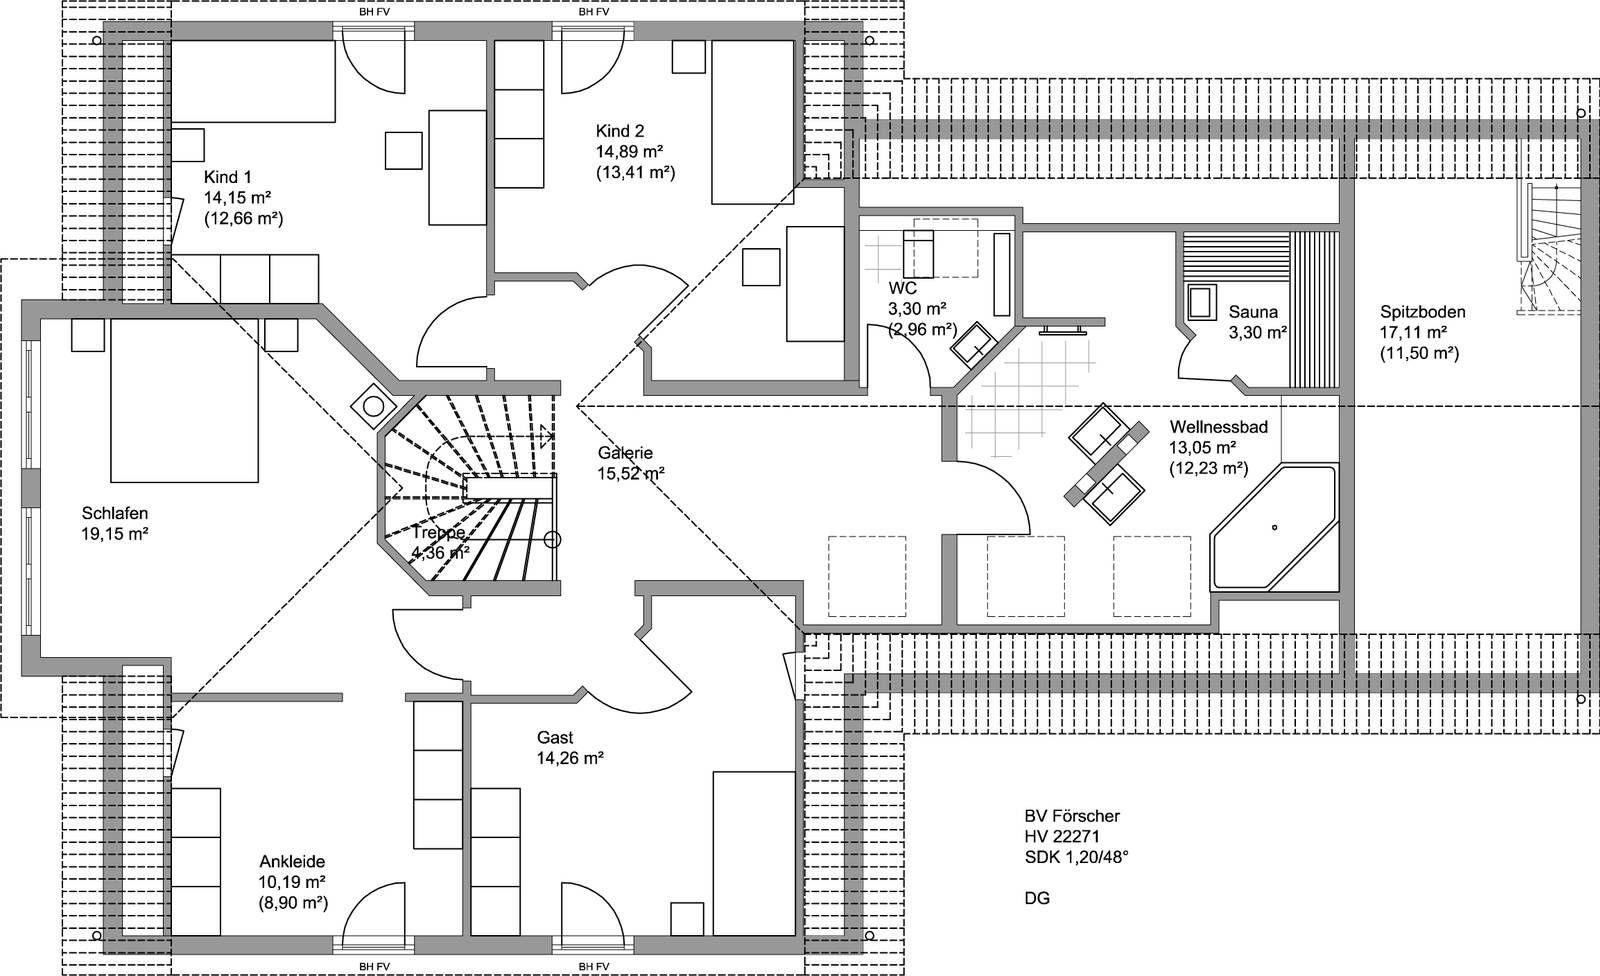 Charming Das Klassische Haus Wirkt Durch Viele Symmetrische Fensterflächen Einladend  Und Harmonisch. Die Hellblaue Fassade Macht Es Freundlich Und Hebt Es Von  ...